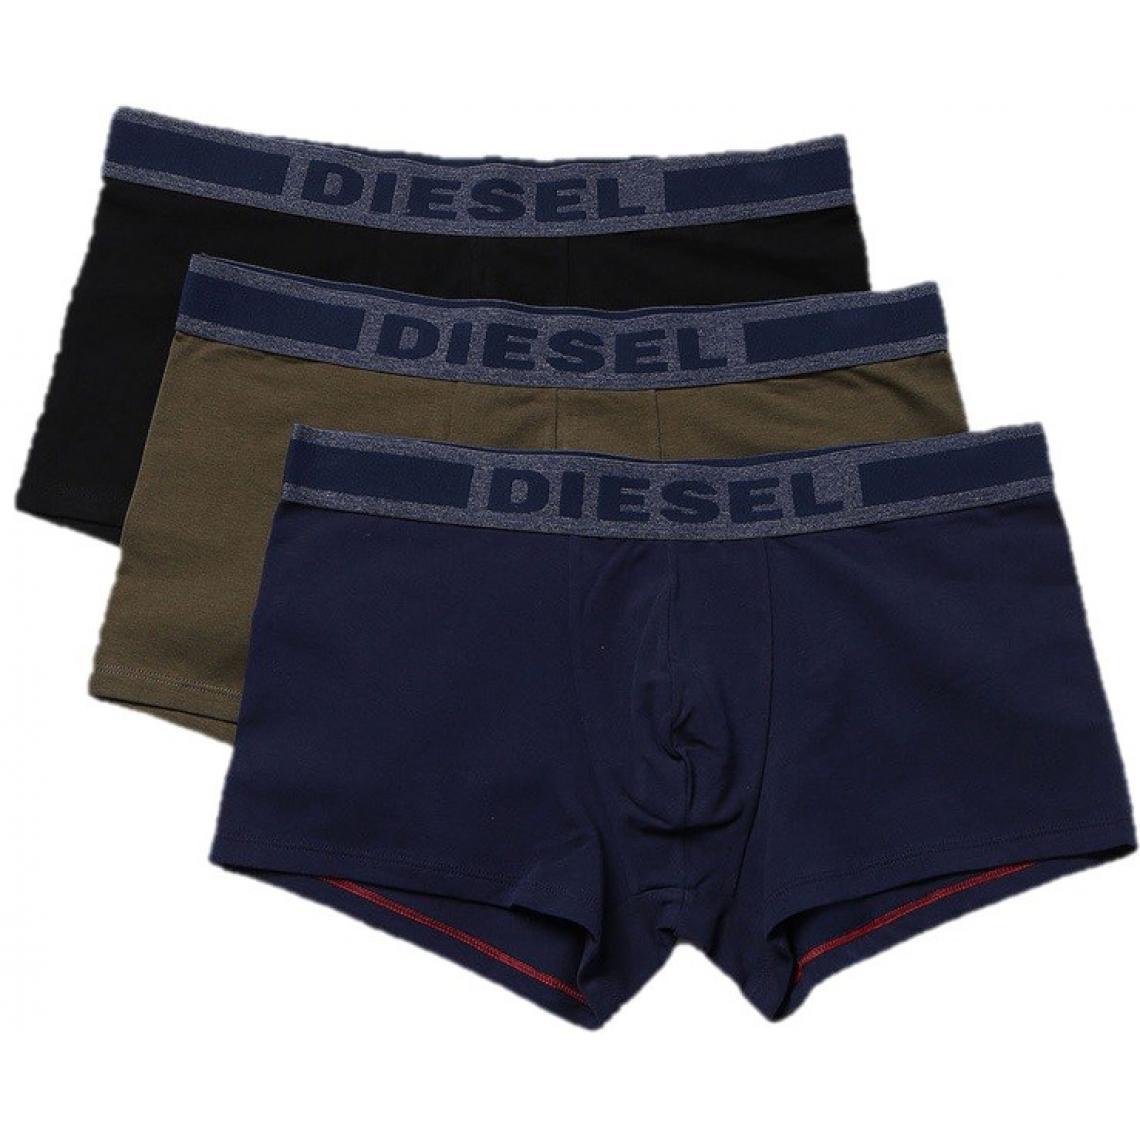 Pack de 3 boxers logotés ceinture élastique - Diesel Underwear - Modalova